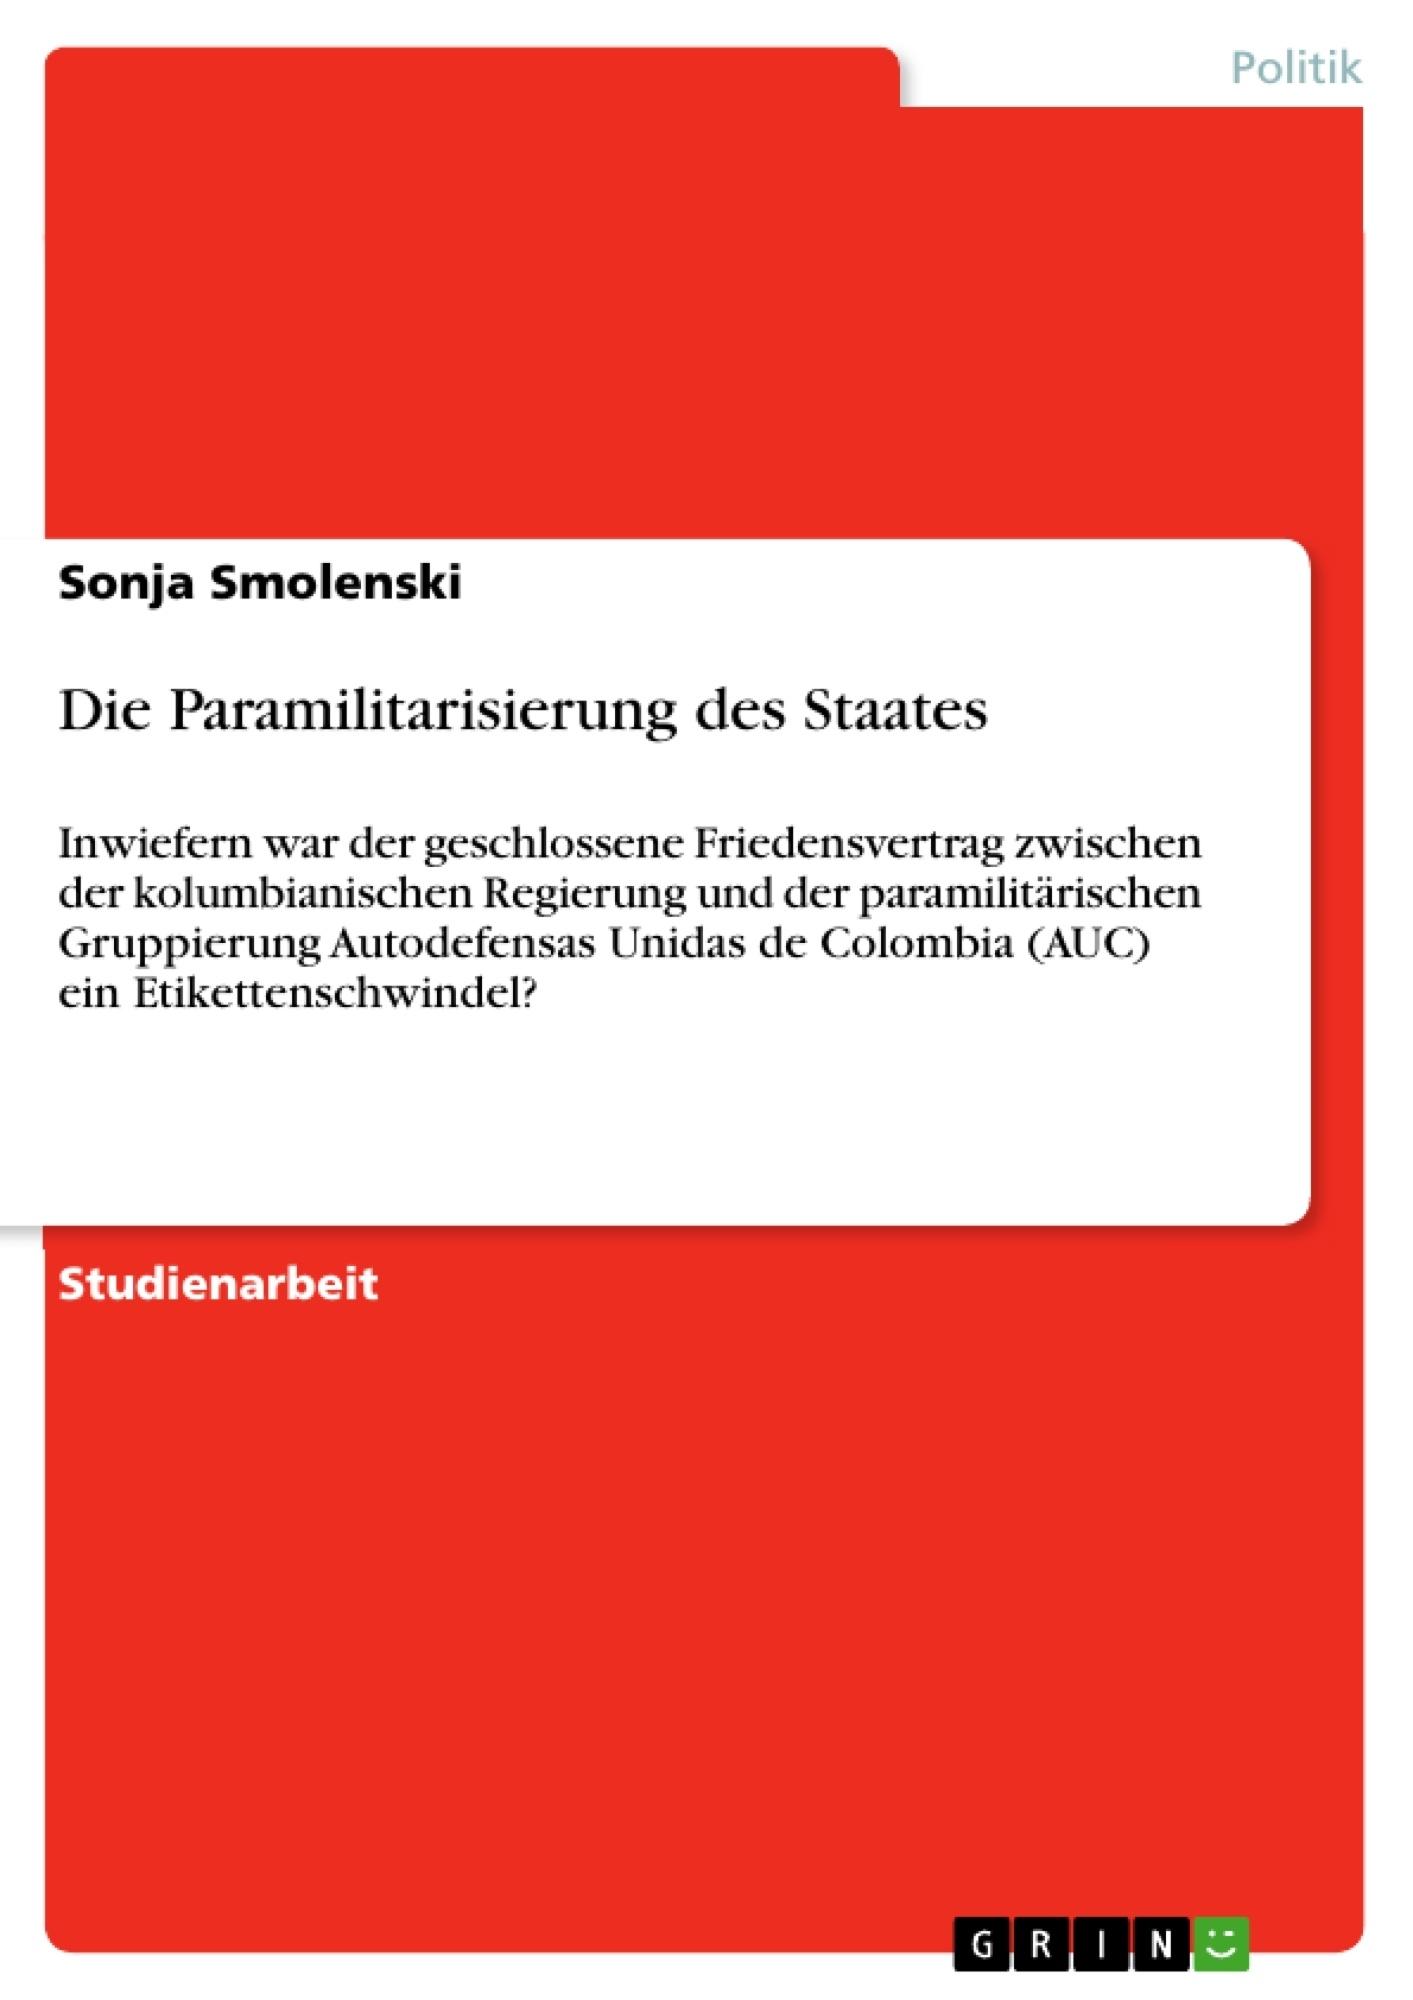 Titel: Die Paramilitarisierung des Staates